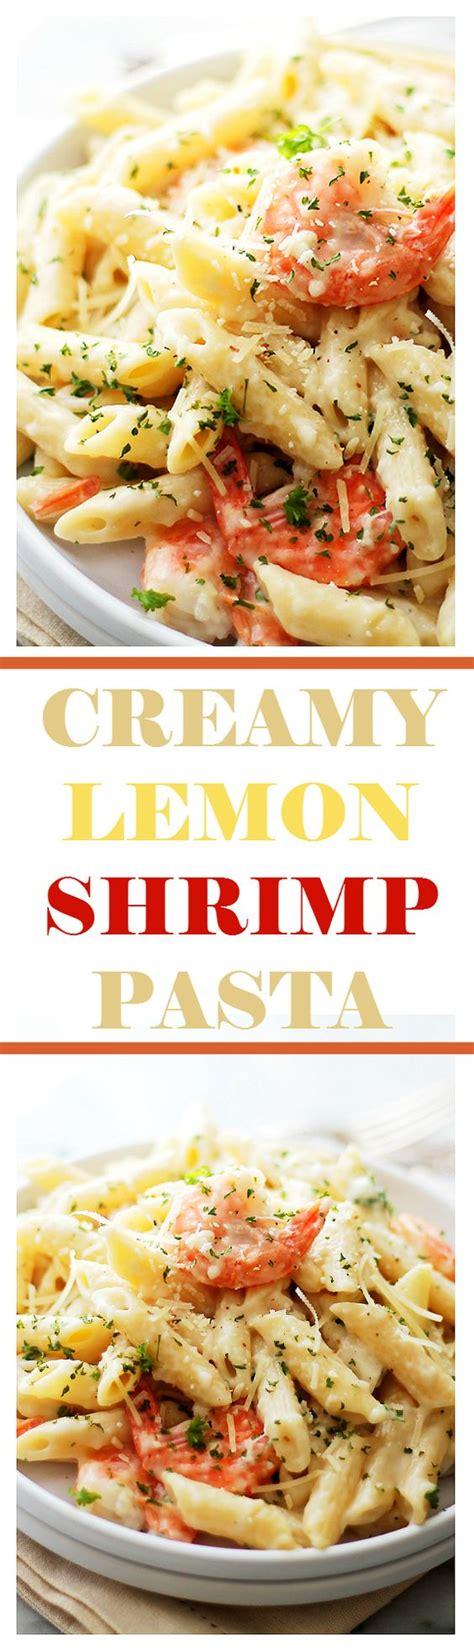 creamy cheesy shrimp and pasta recipes shrimp pasta and creamy pasta on pinterest